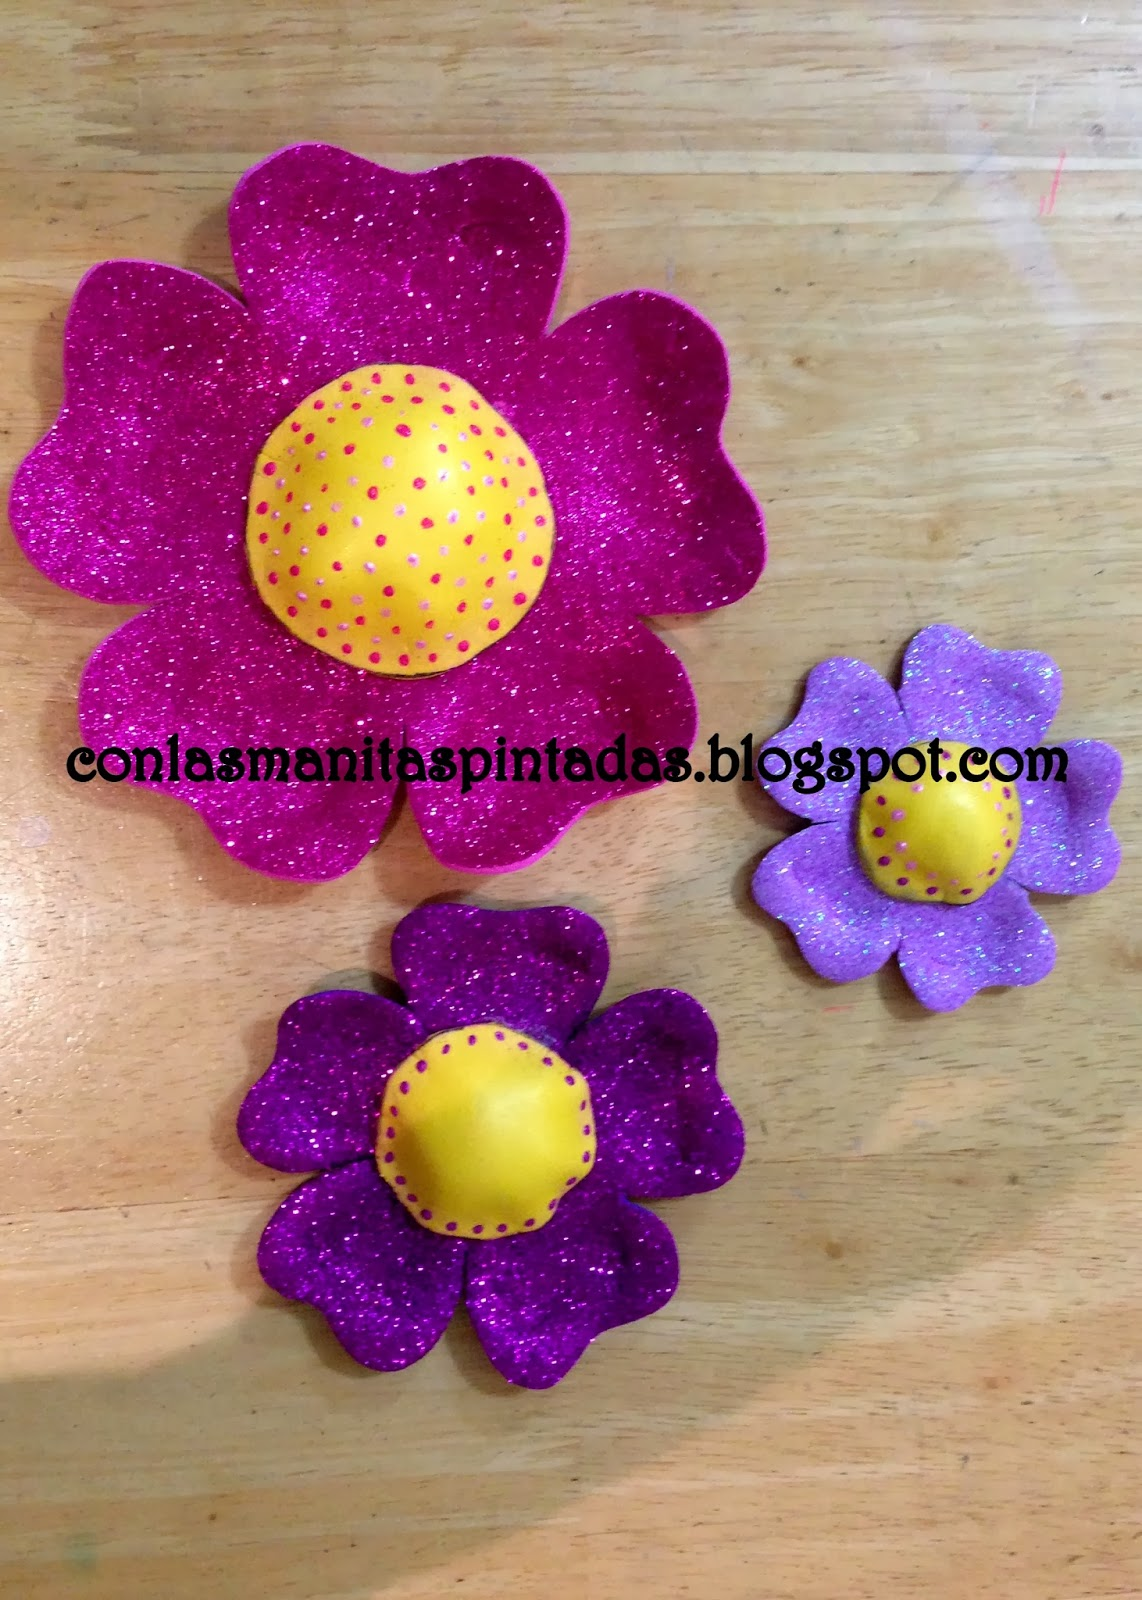 98c65f2bb09 Tenemos unas hermosas flores de foami listas para decorar cualquier lugar  de nuestra casa!